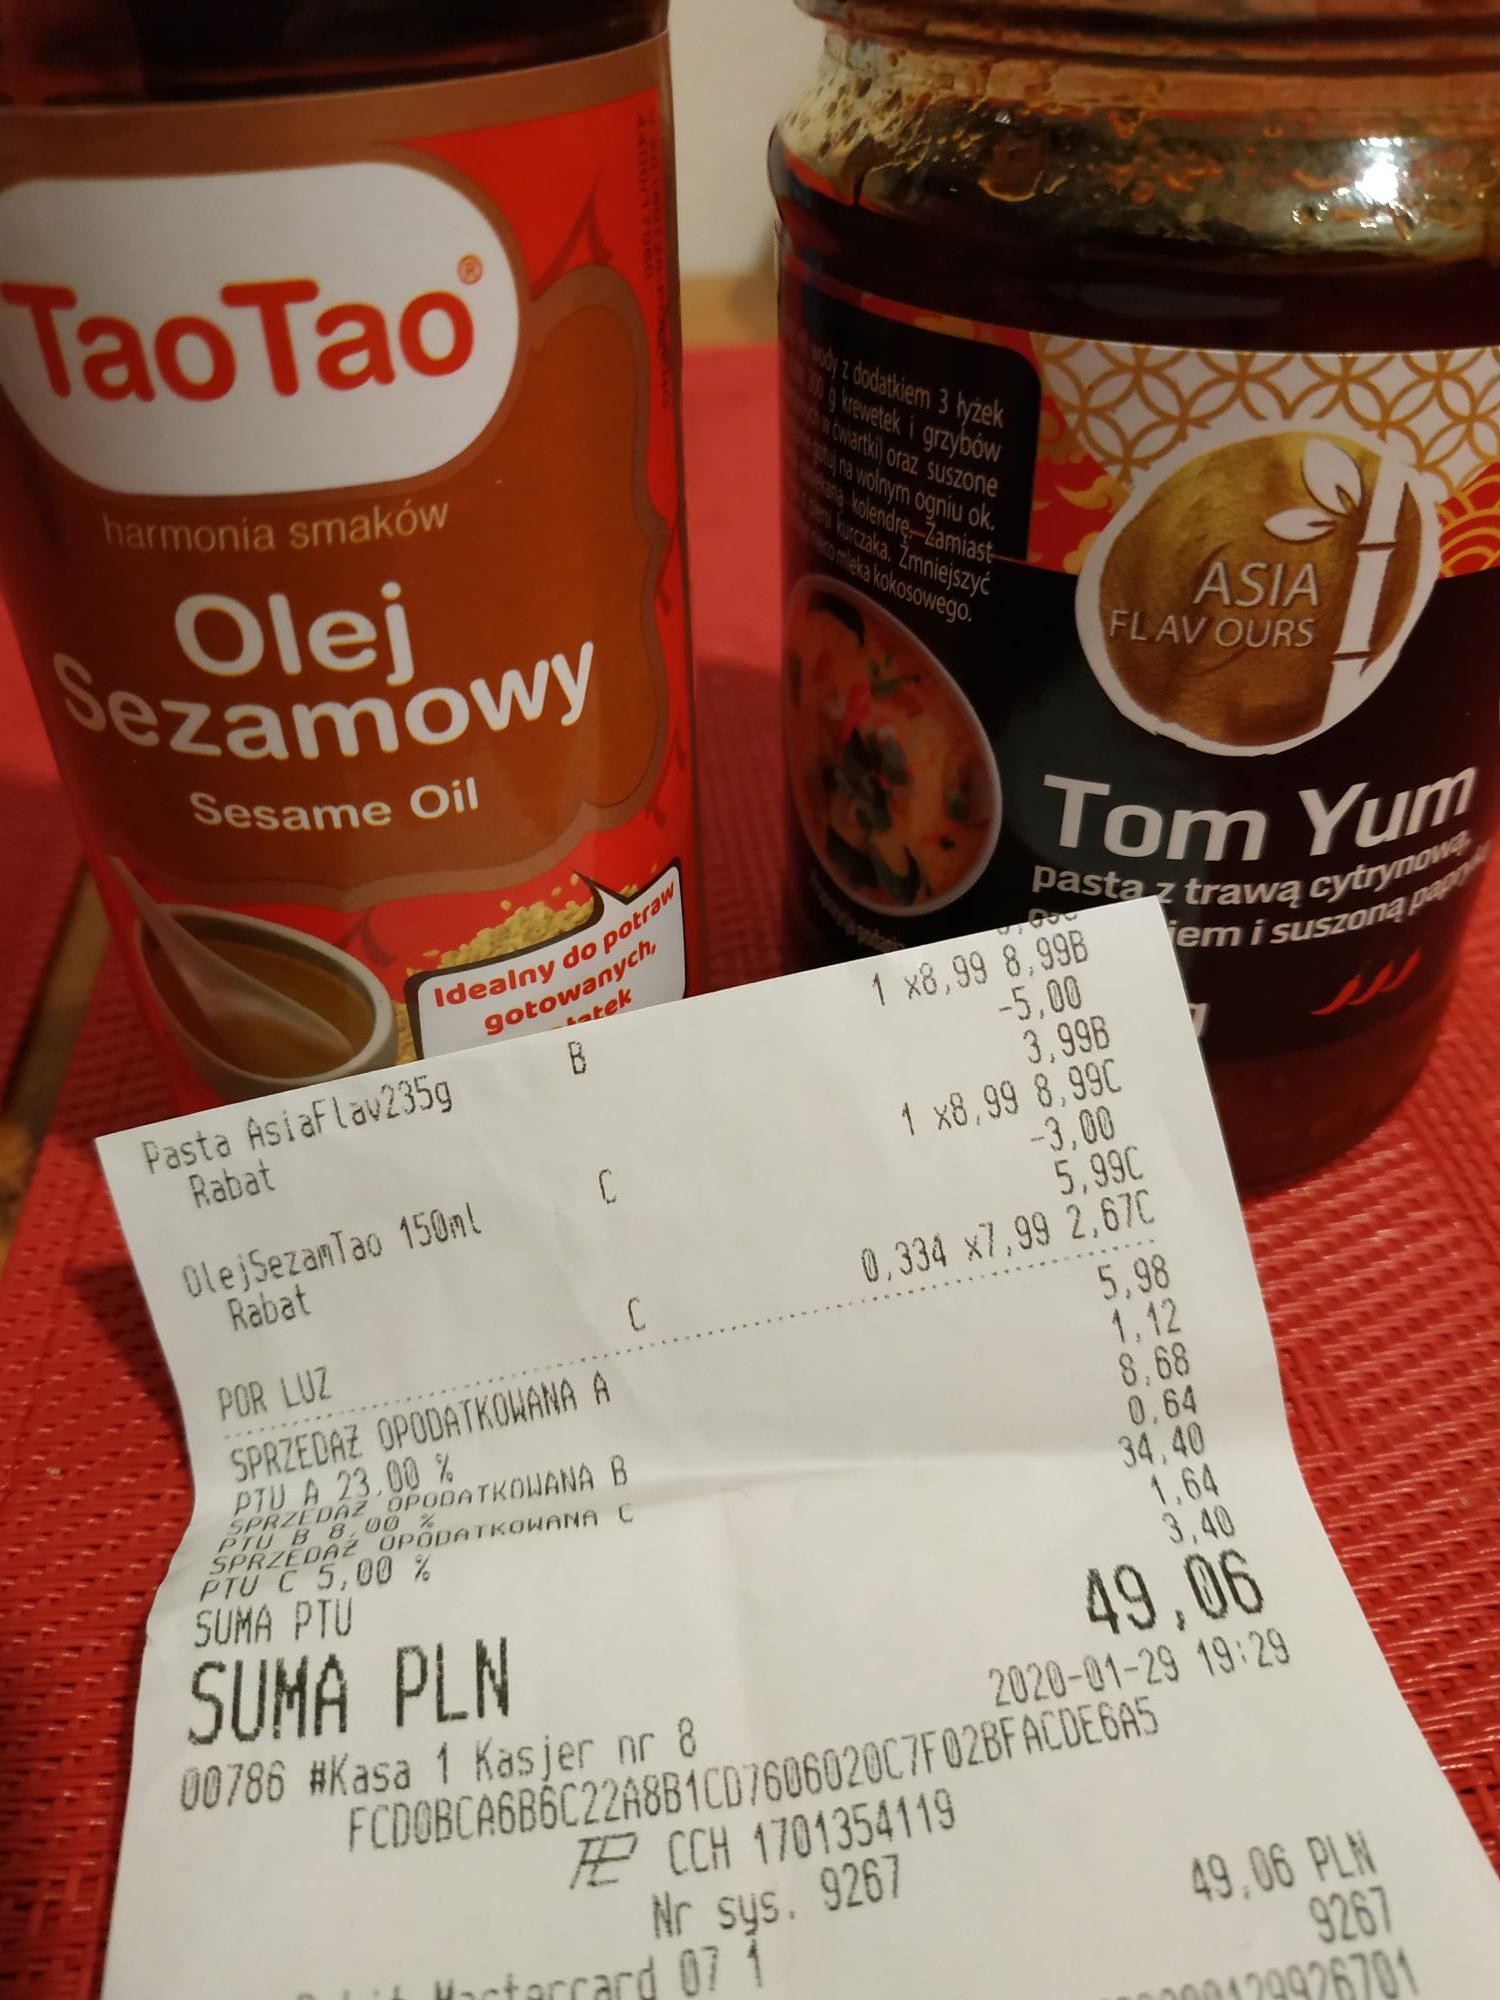 Olej sezamowy TaoTao 150ml Biedronka